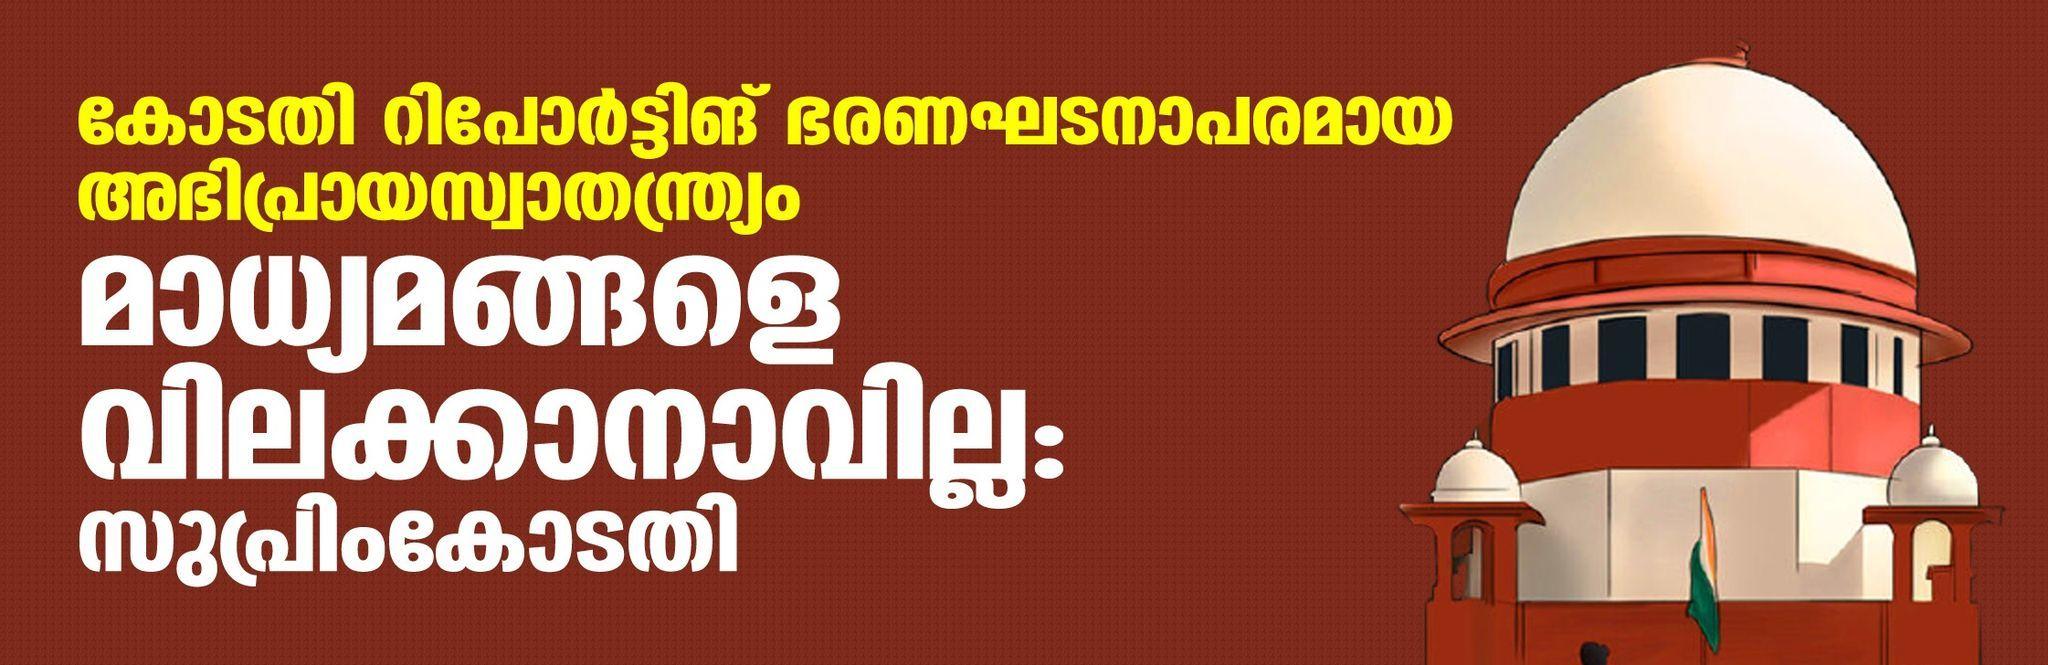 കോടതി റിപോര്ട്ടിങ് ഭരണഘടനാപരമായ അഭിപ്രായസ്വാതന്ത്ര്യം; മാധ്യമങ്ങളെ വിലക്കാനാവില്ല: സുപ്രിംകോടതി